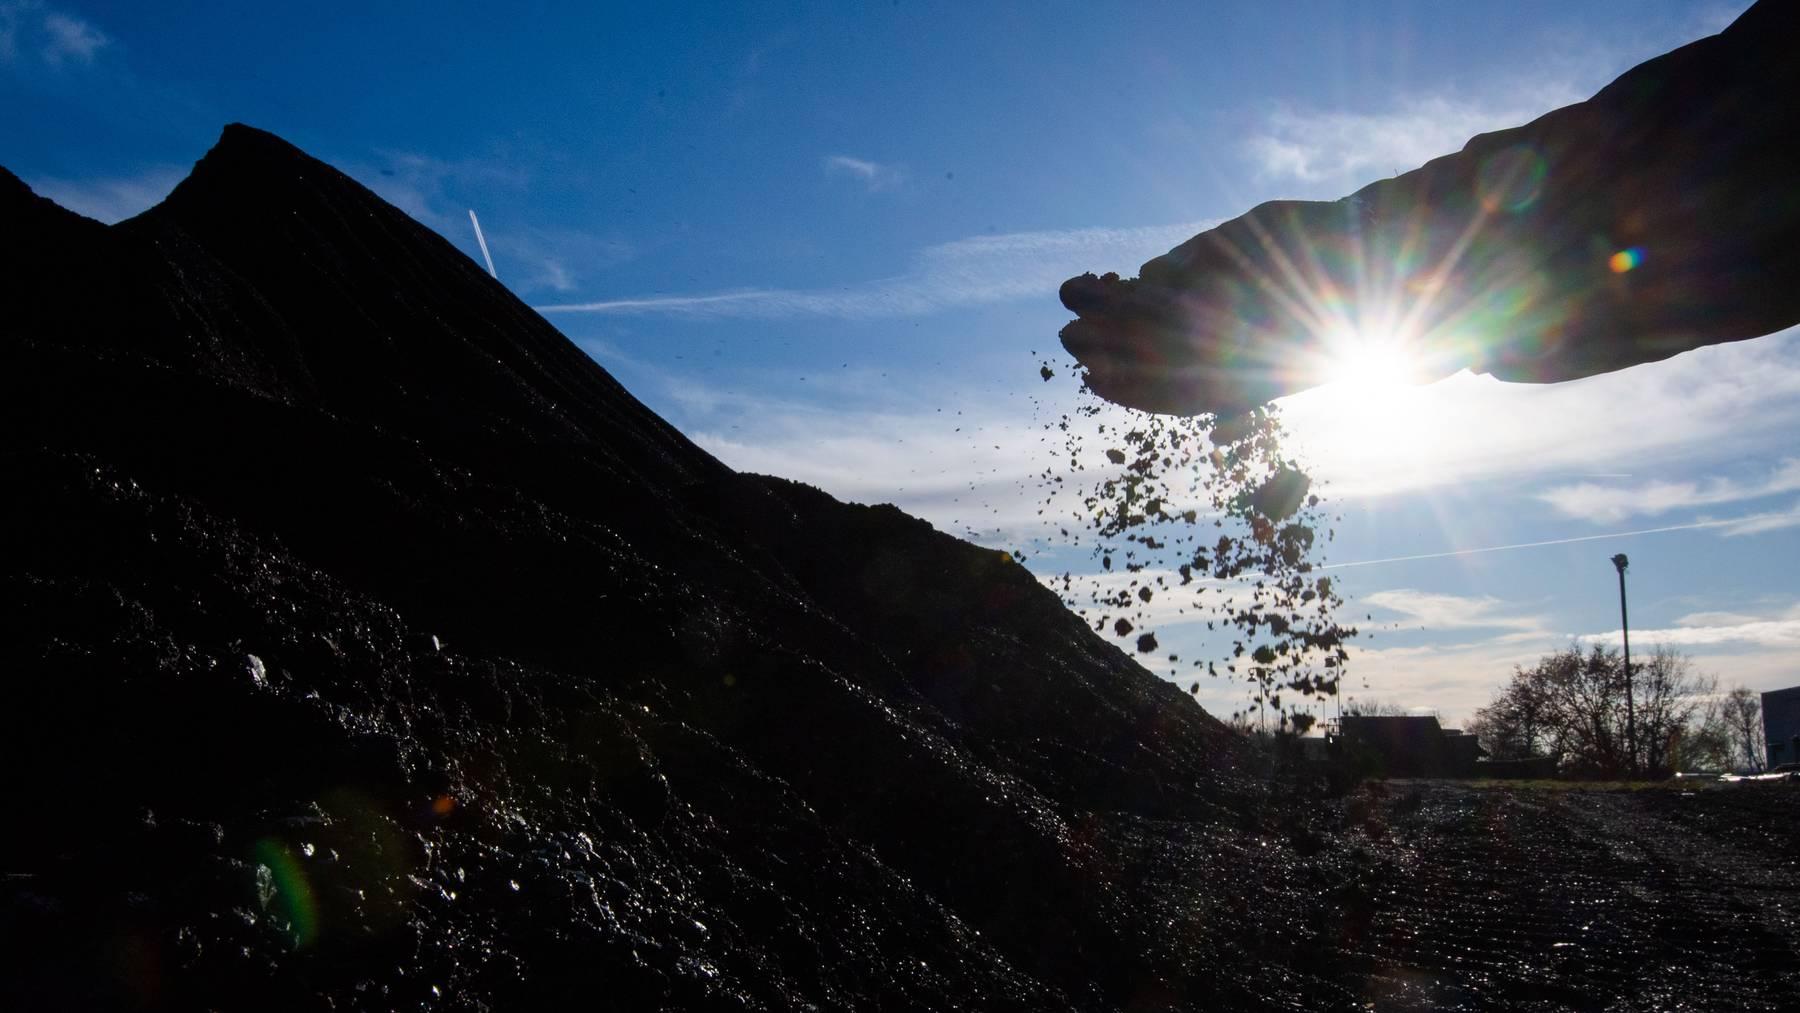 Kohlebergbau wird von der Zurich immer noch versichert, jedoch nicht mehr zu denselben Konditionen wie früher, sagt Präsident Michel Liès.